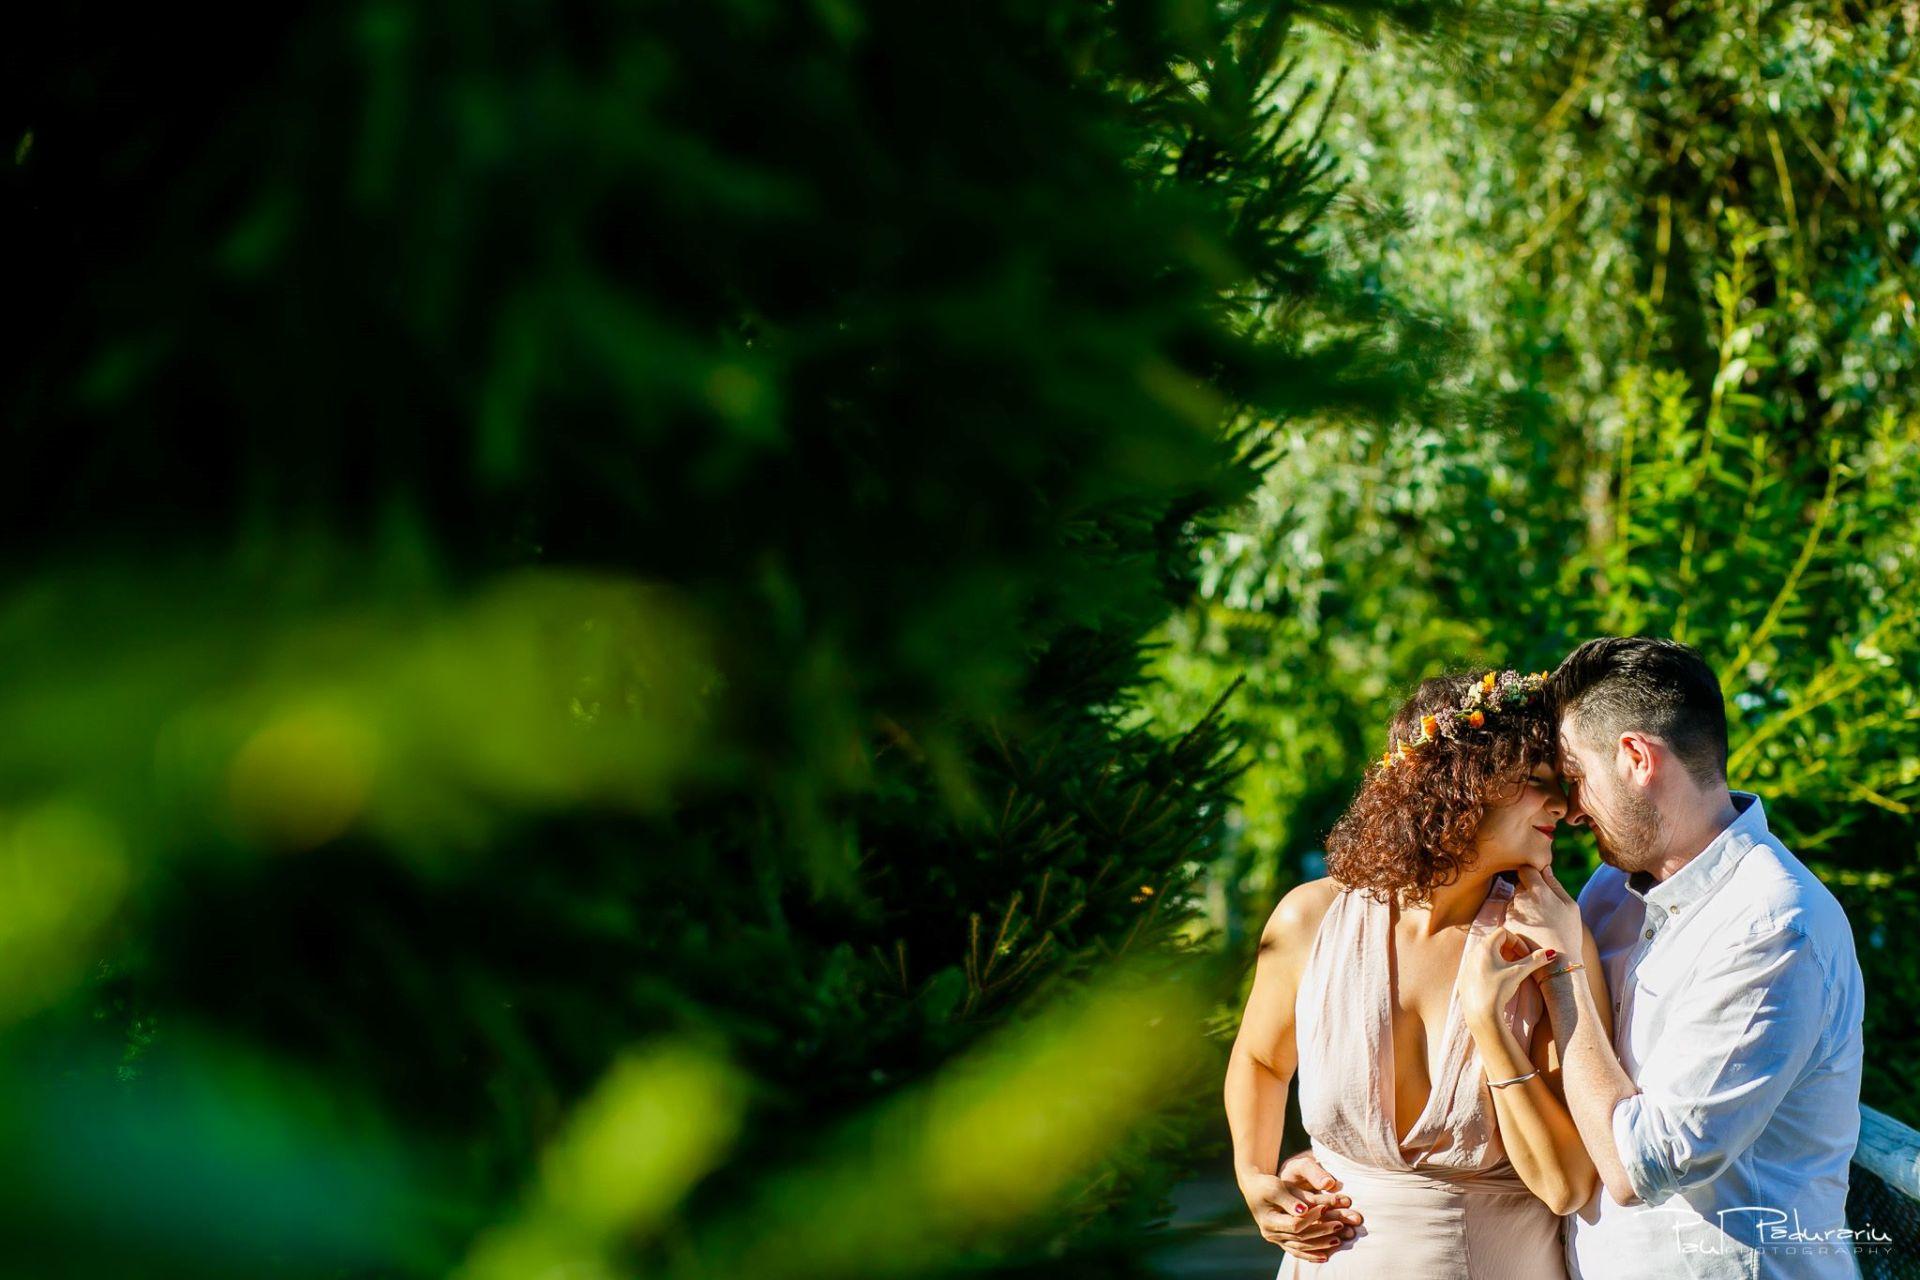 Mircea si Adina - shooting outdoor fotografie logodna | paul padurariu fotograf iasi 2019 2